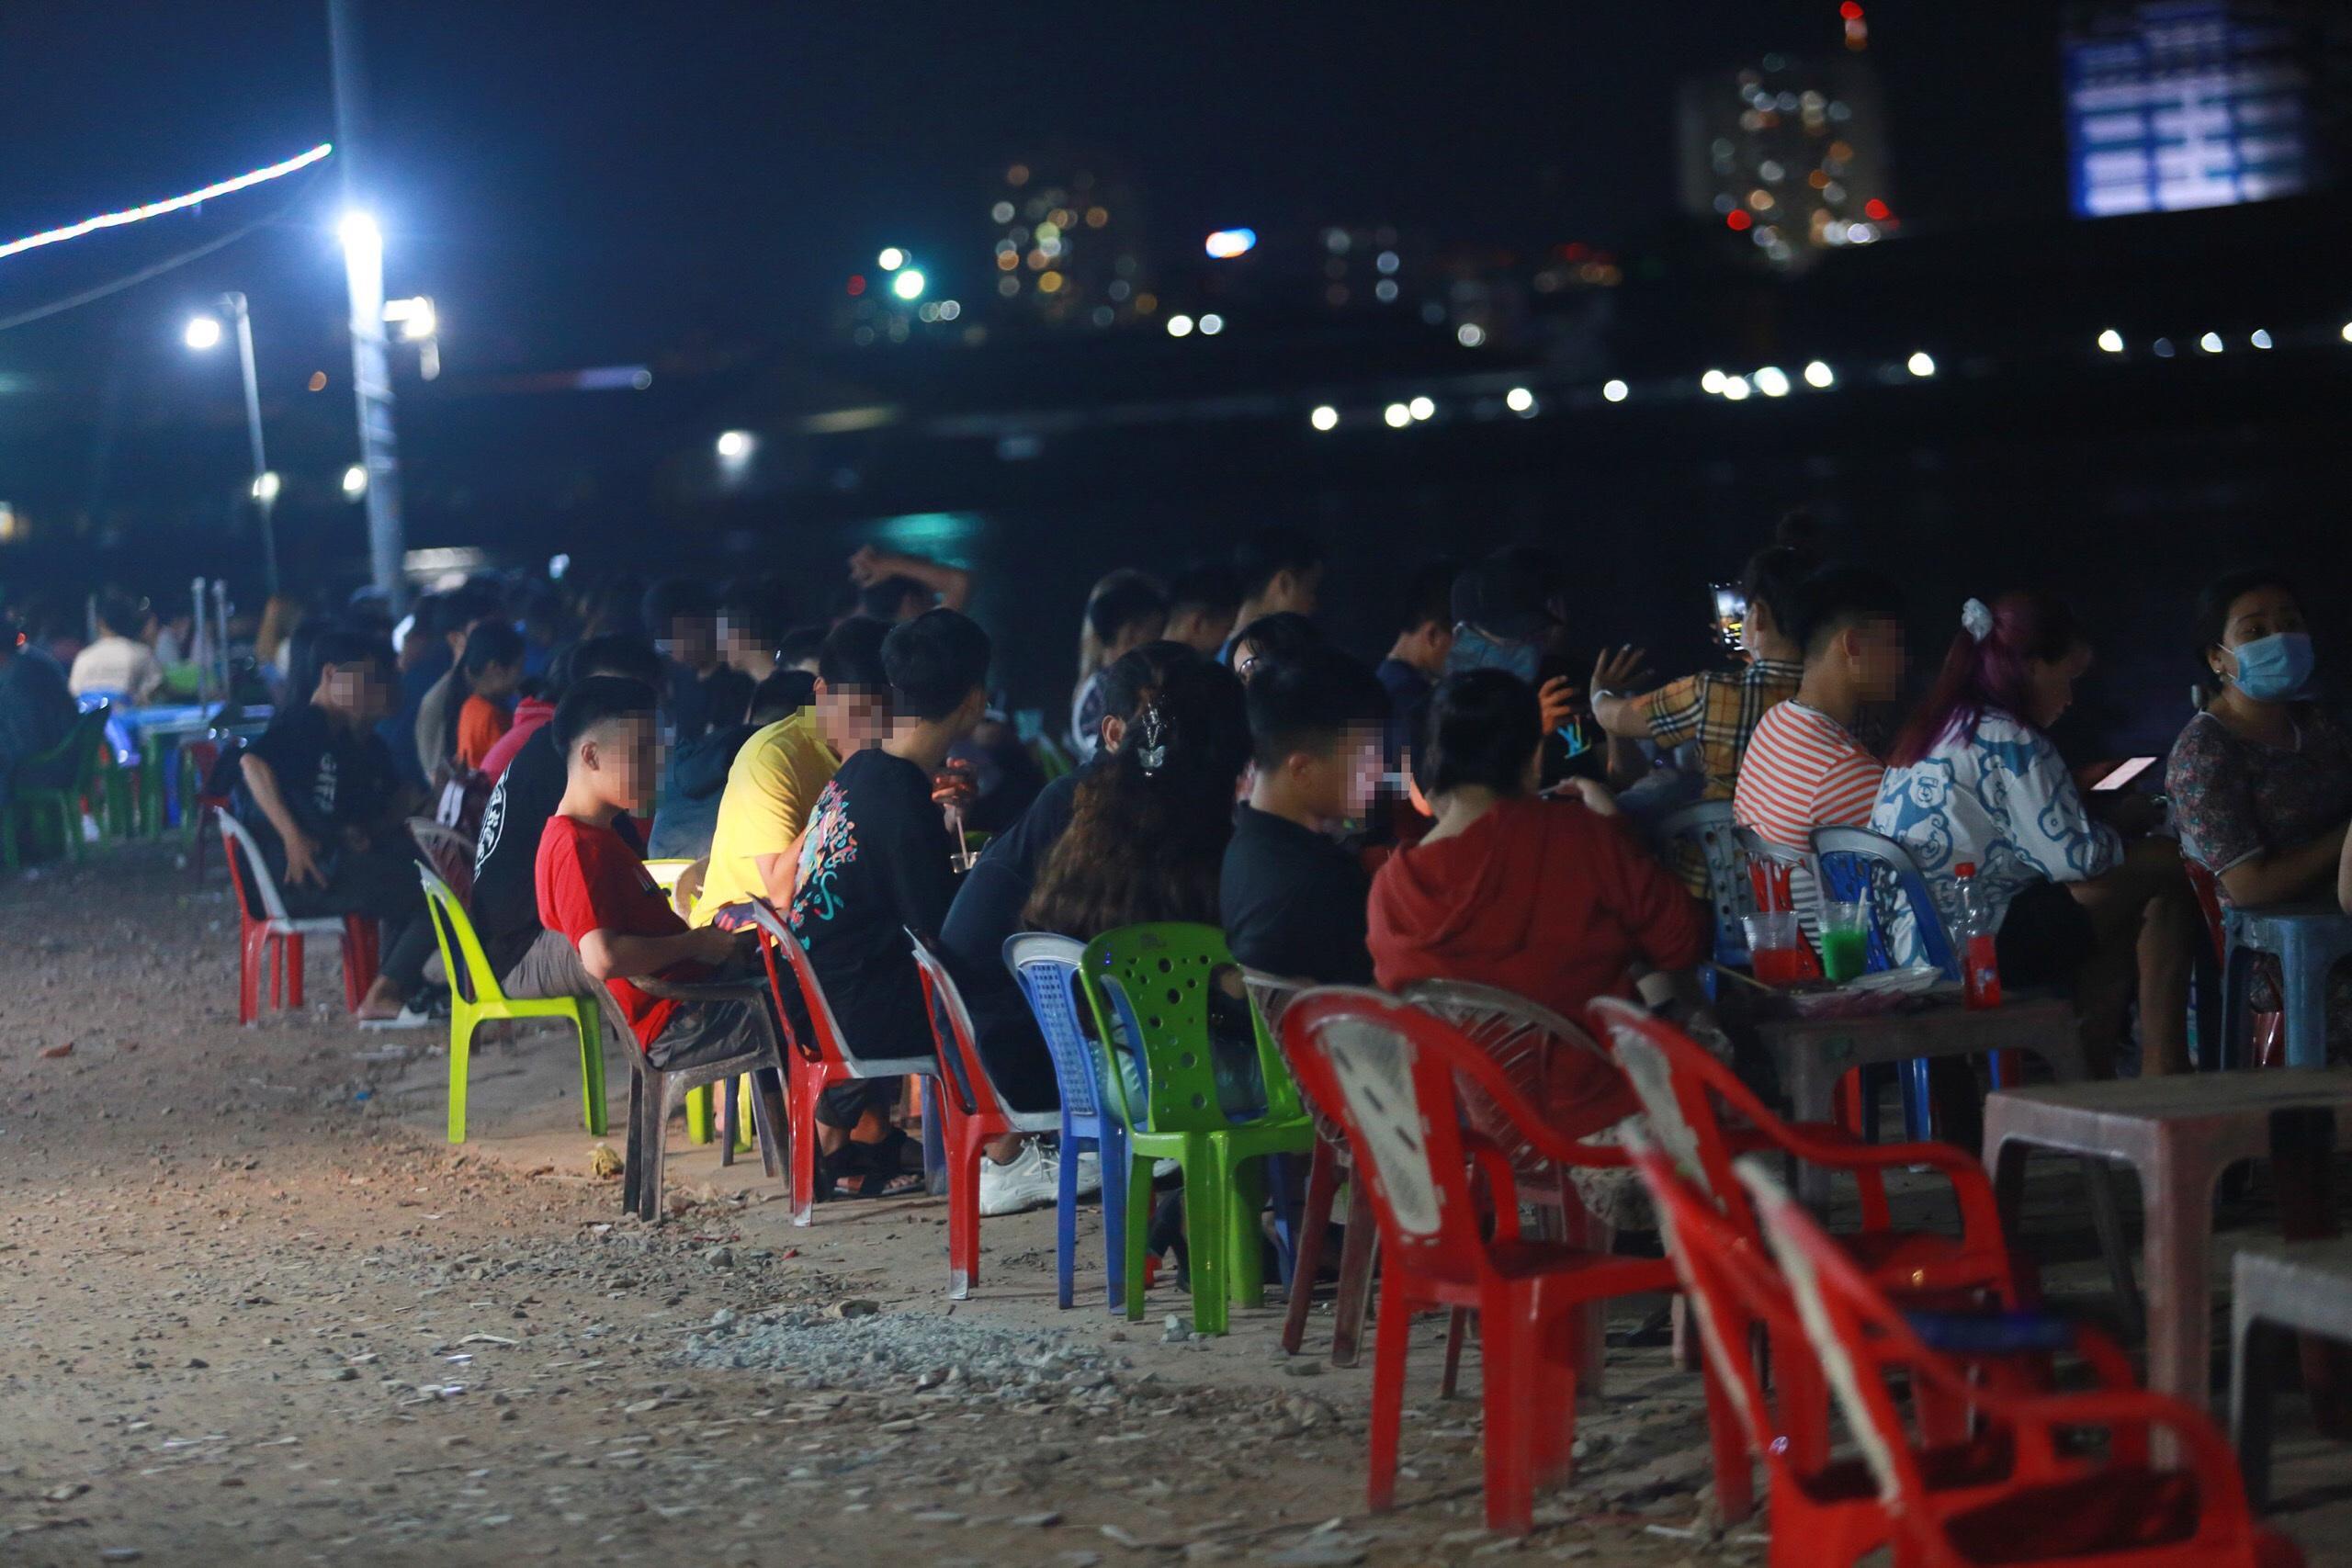 Quán nhậu Sài Gòn xập xình, nhộn nhịp bất chấp lệnh cấm tụ tập đông người - 8